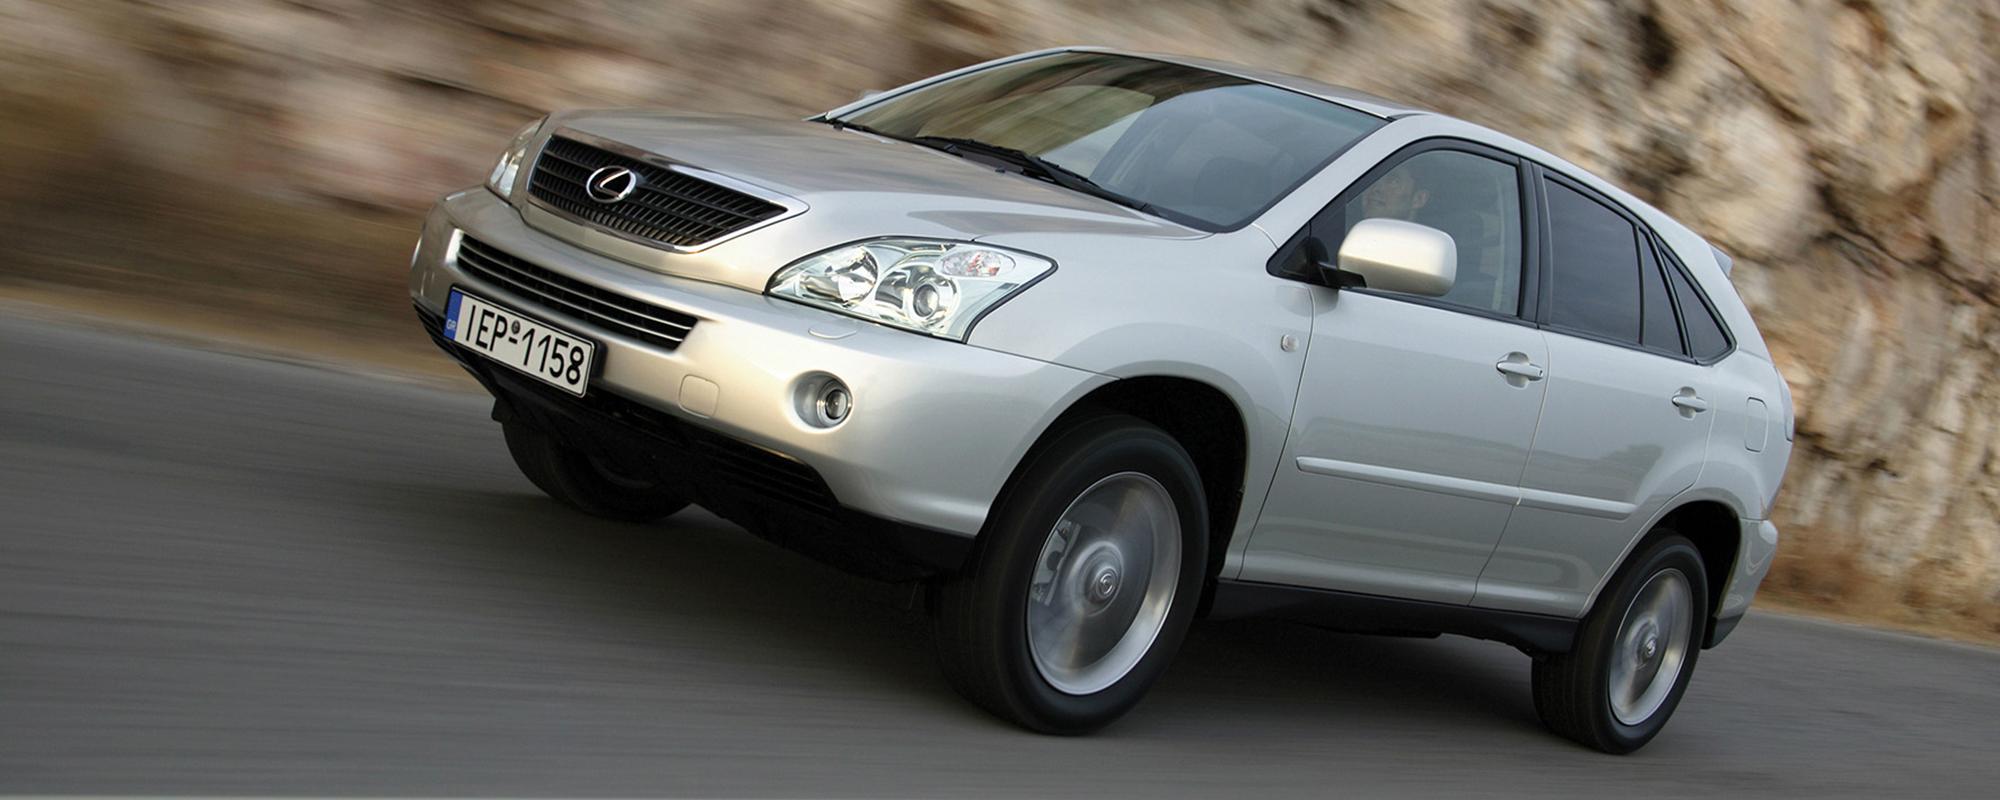 Lexus plaatst nieuw onderdeel in RX 400h